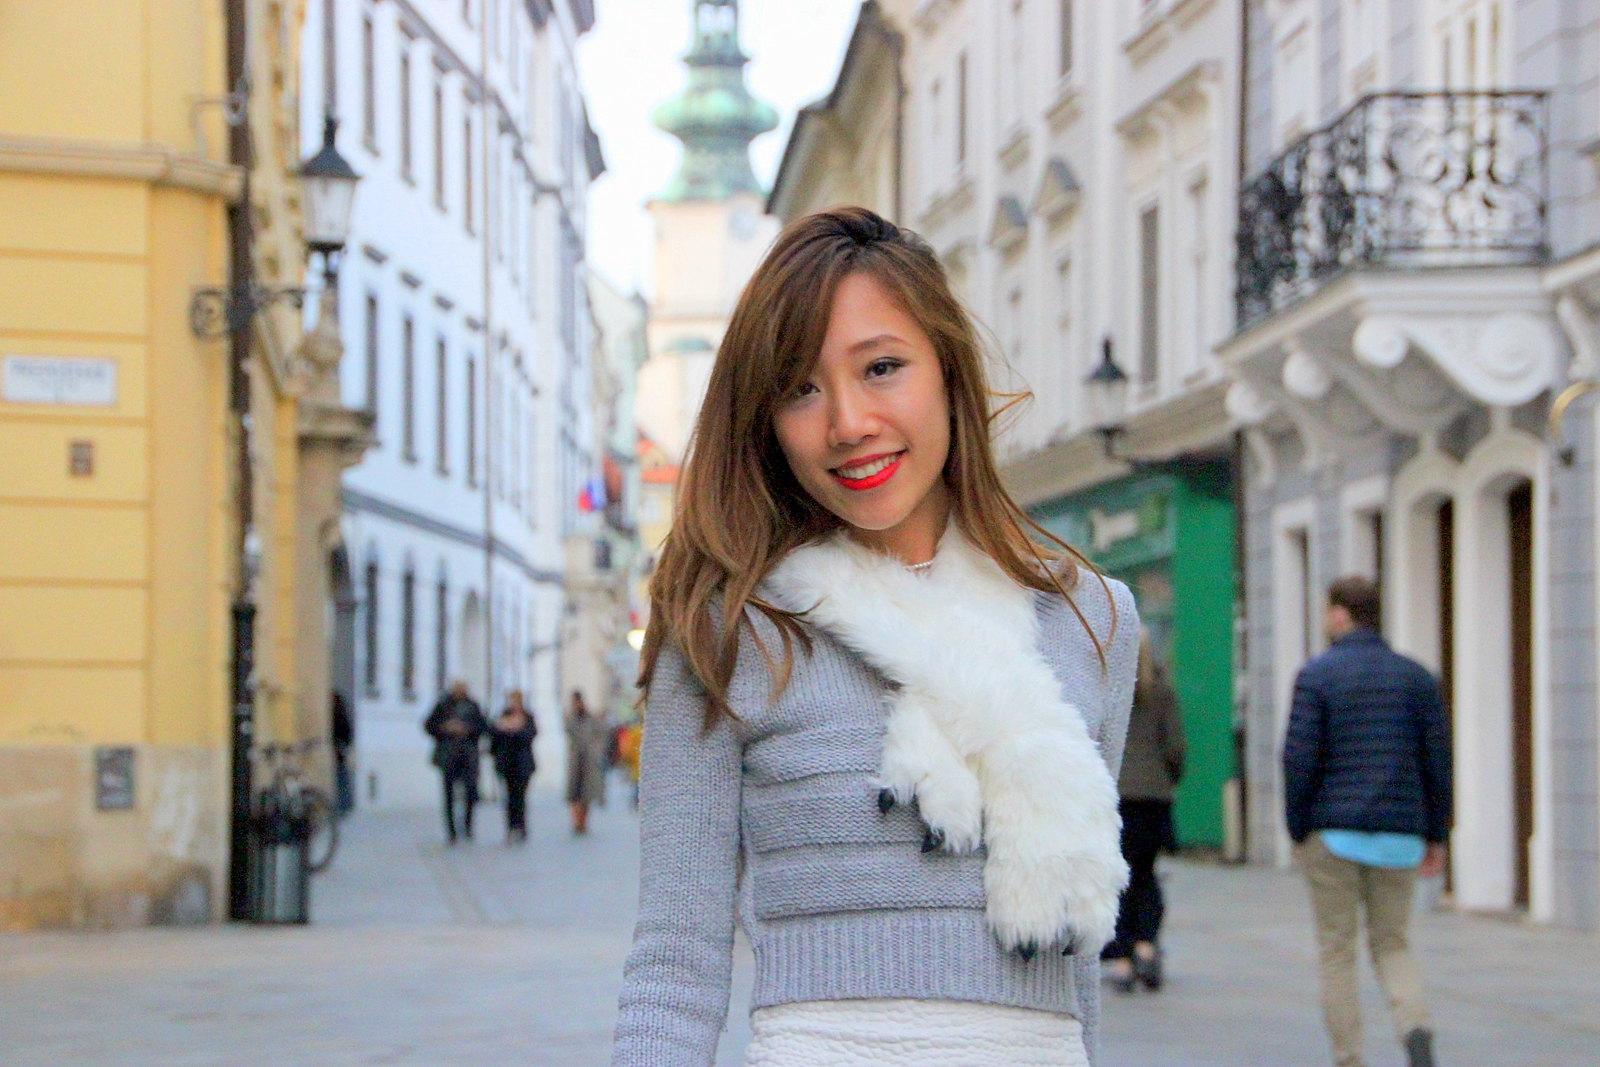 polar white in bratislava